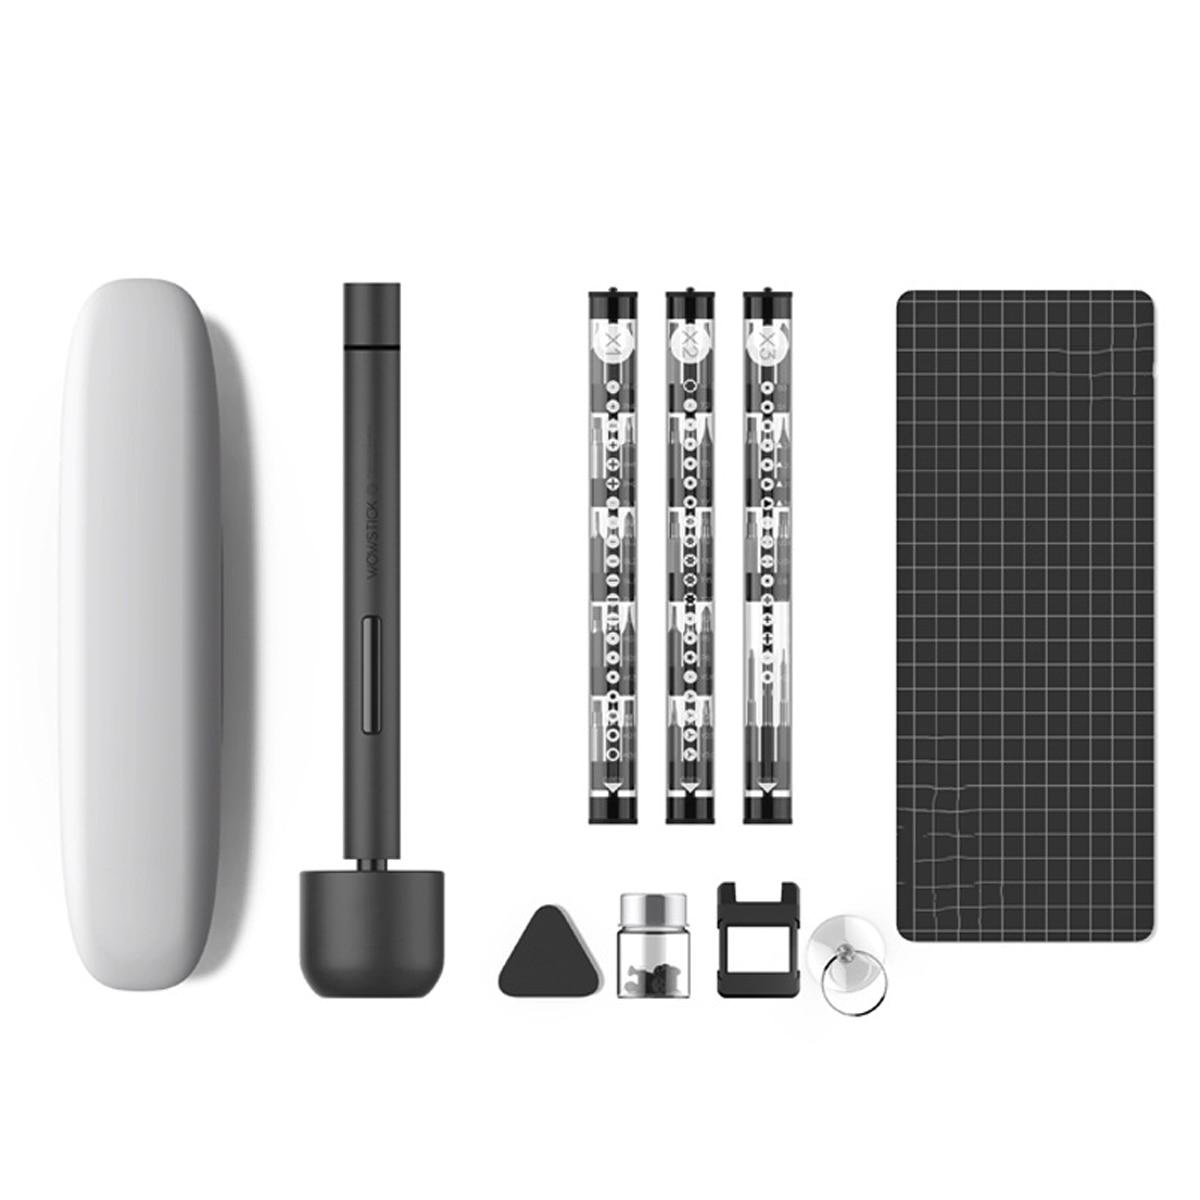 Per Wowstick 1F Pro Mini Cacciavite Elettrico Ricaricabile Cordless Power Screw Driver Kit HA CONDOTTO LA Luce Batteria Al Litio Operato